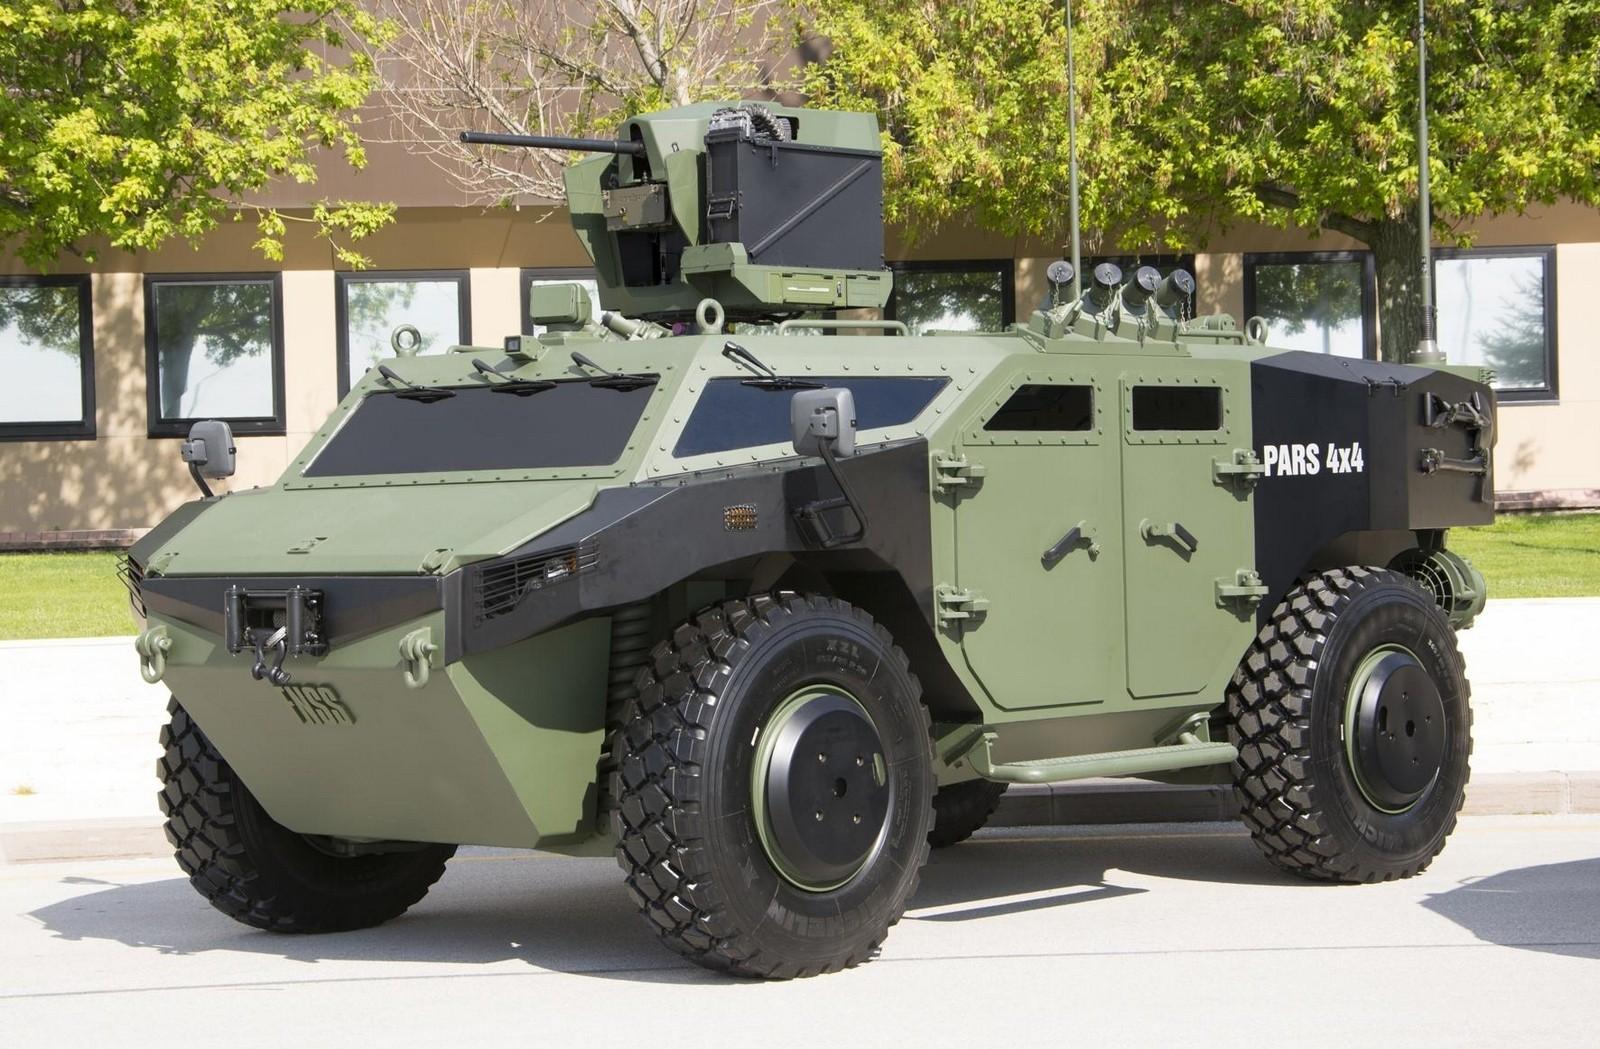 Опытный пулеметный бронеавтомобиль на двухосном модуле FNSS Pars